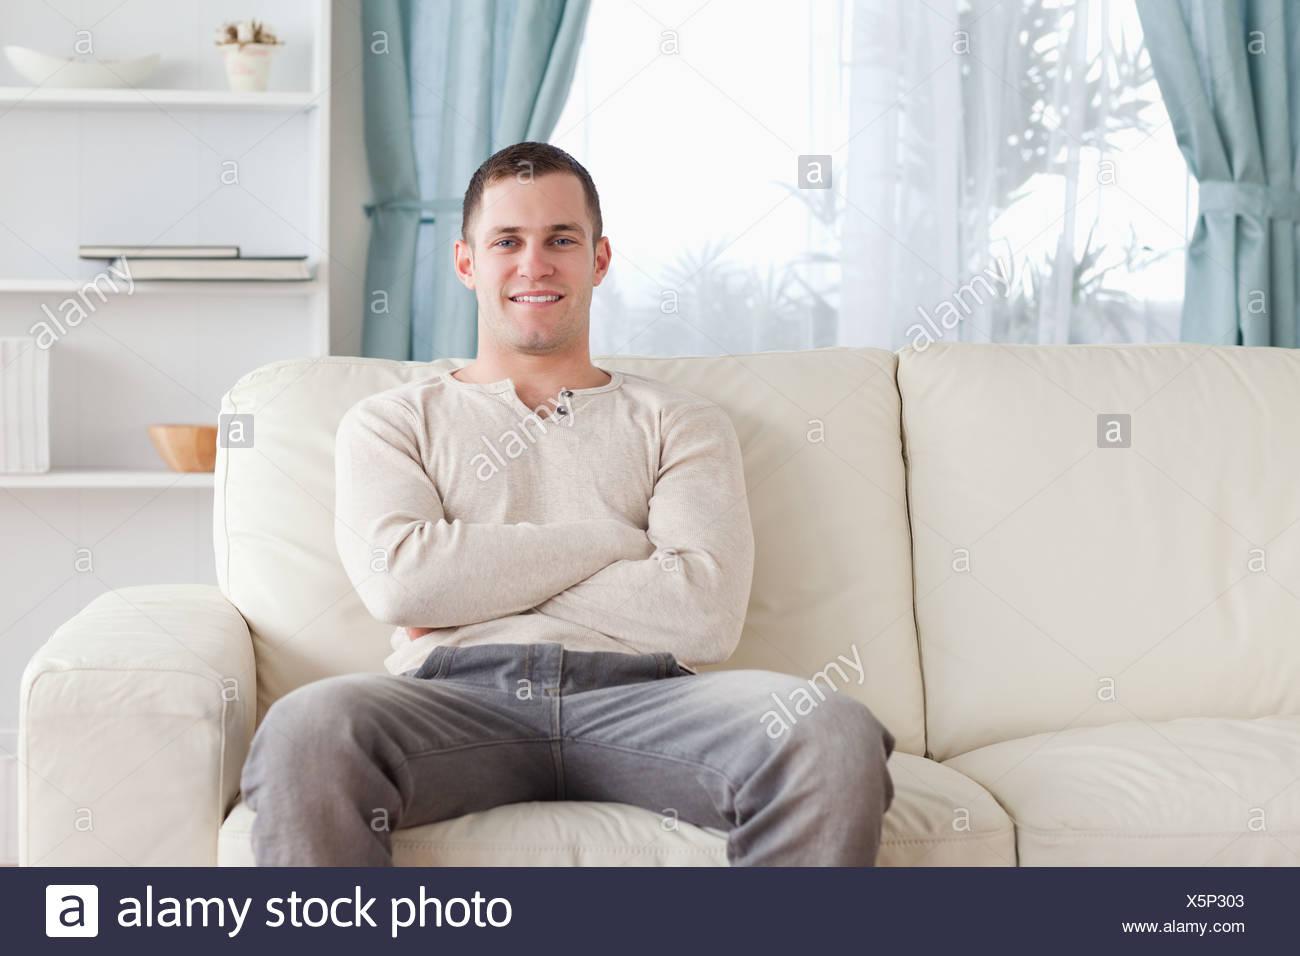 Mann sitzt auf einer couch Stockfoto